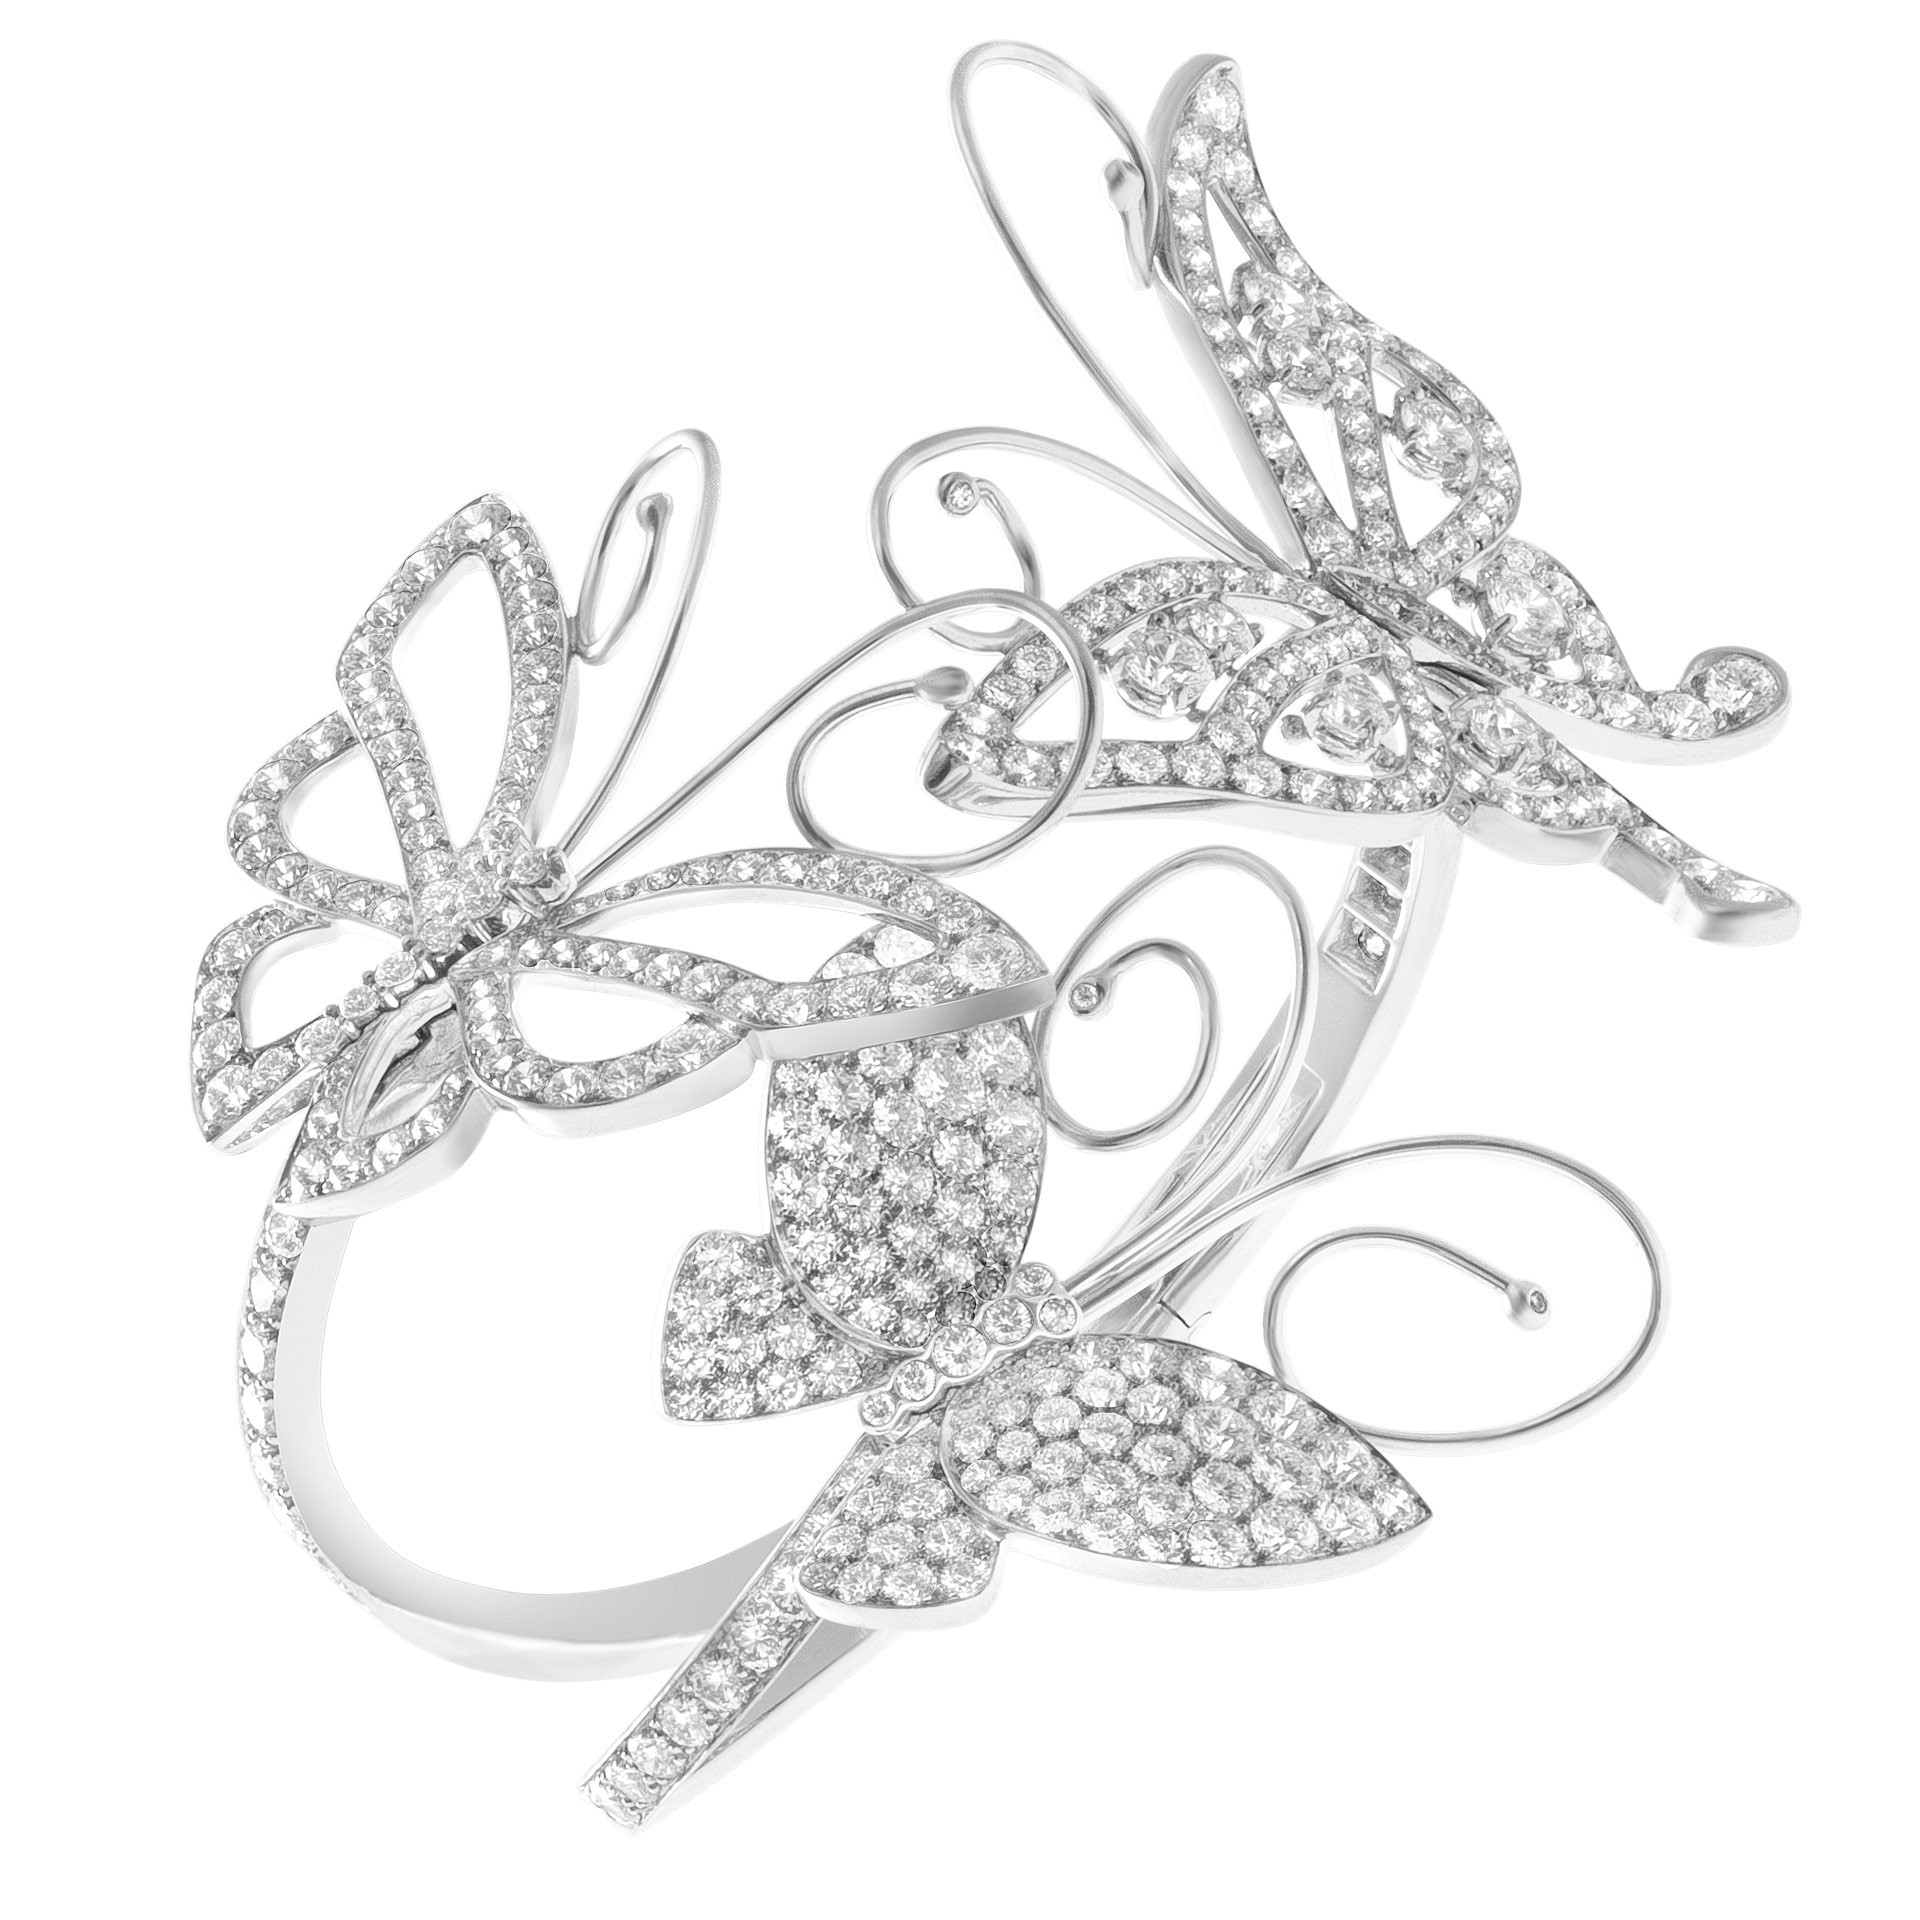 Butterfly Bracelet Cuff by Van Cleef & Arpels Jewelry